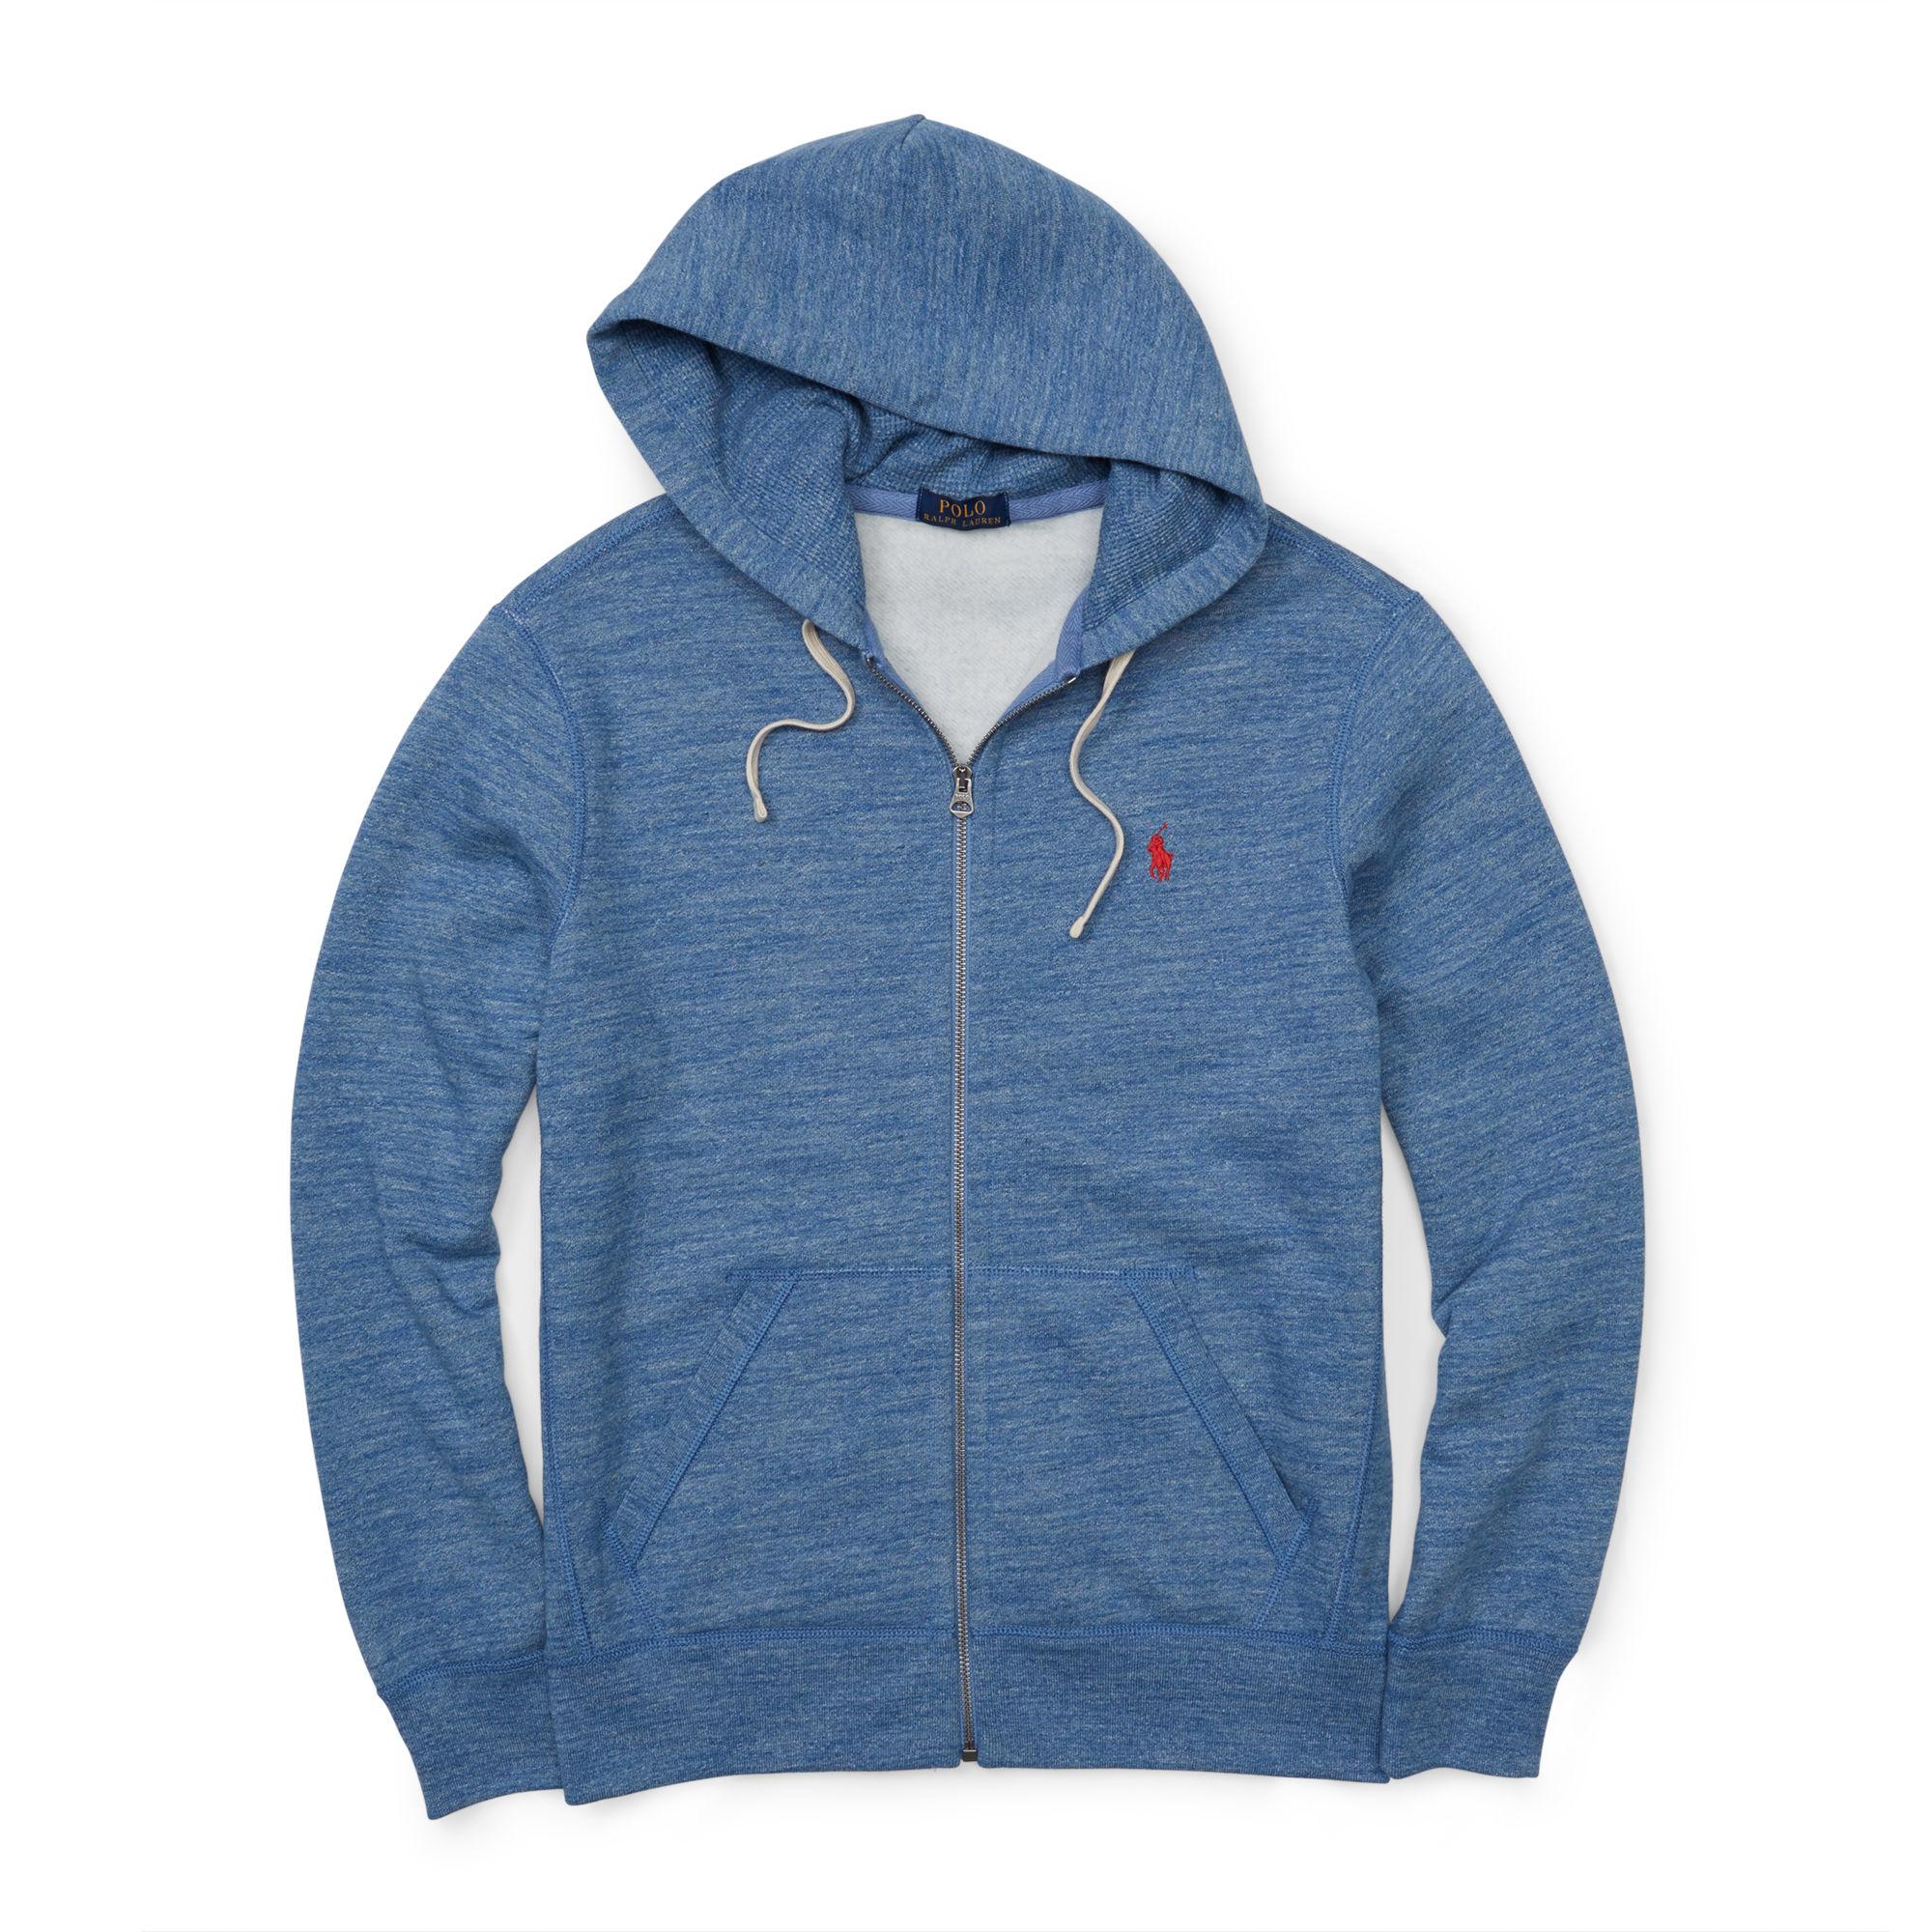 polo ralph lauren fleece full zip hoodie in blue for men. Black Bedroom Furniture Sets. Home Design Ideas